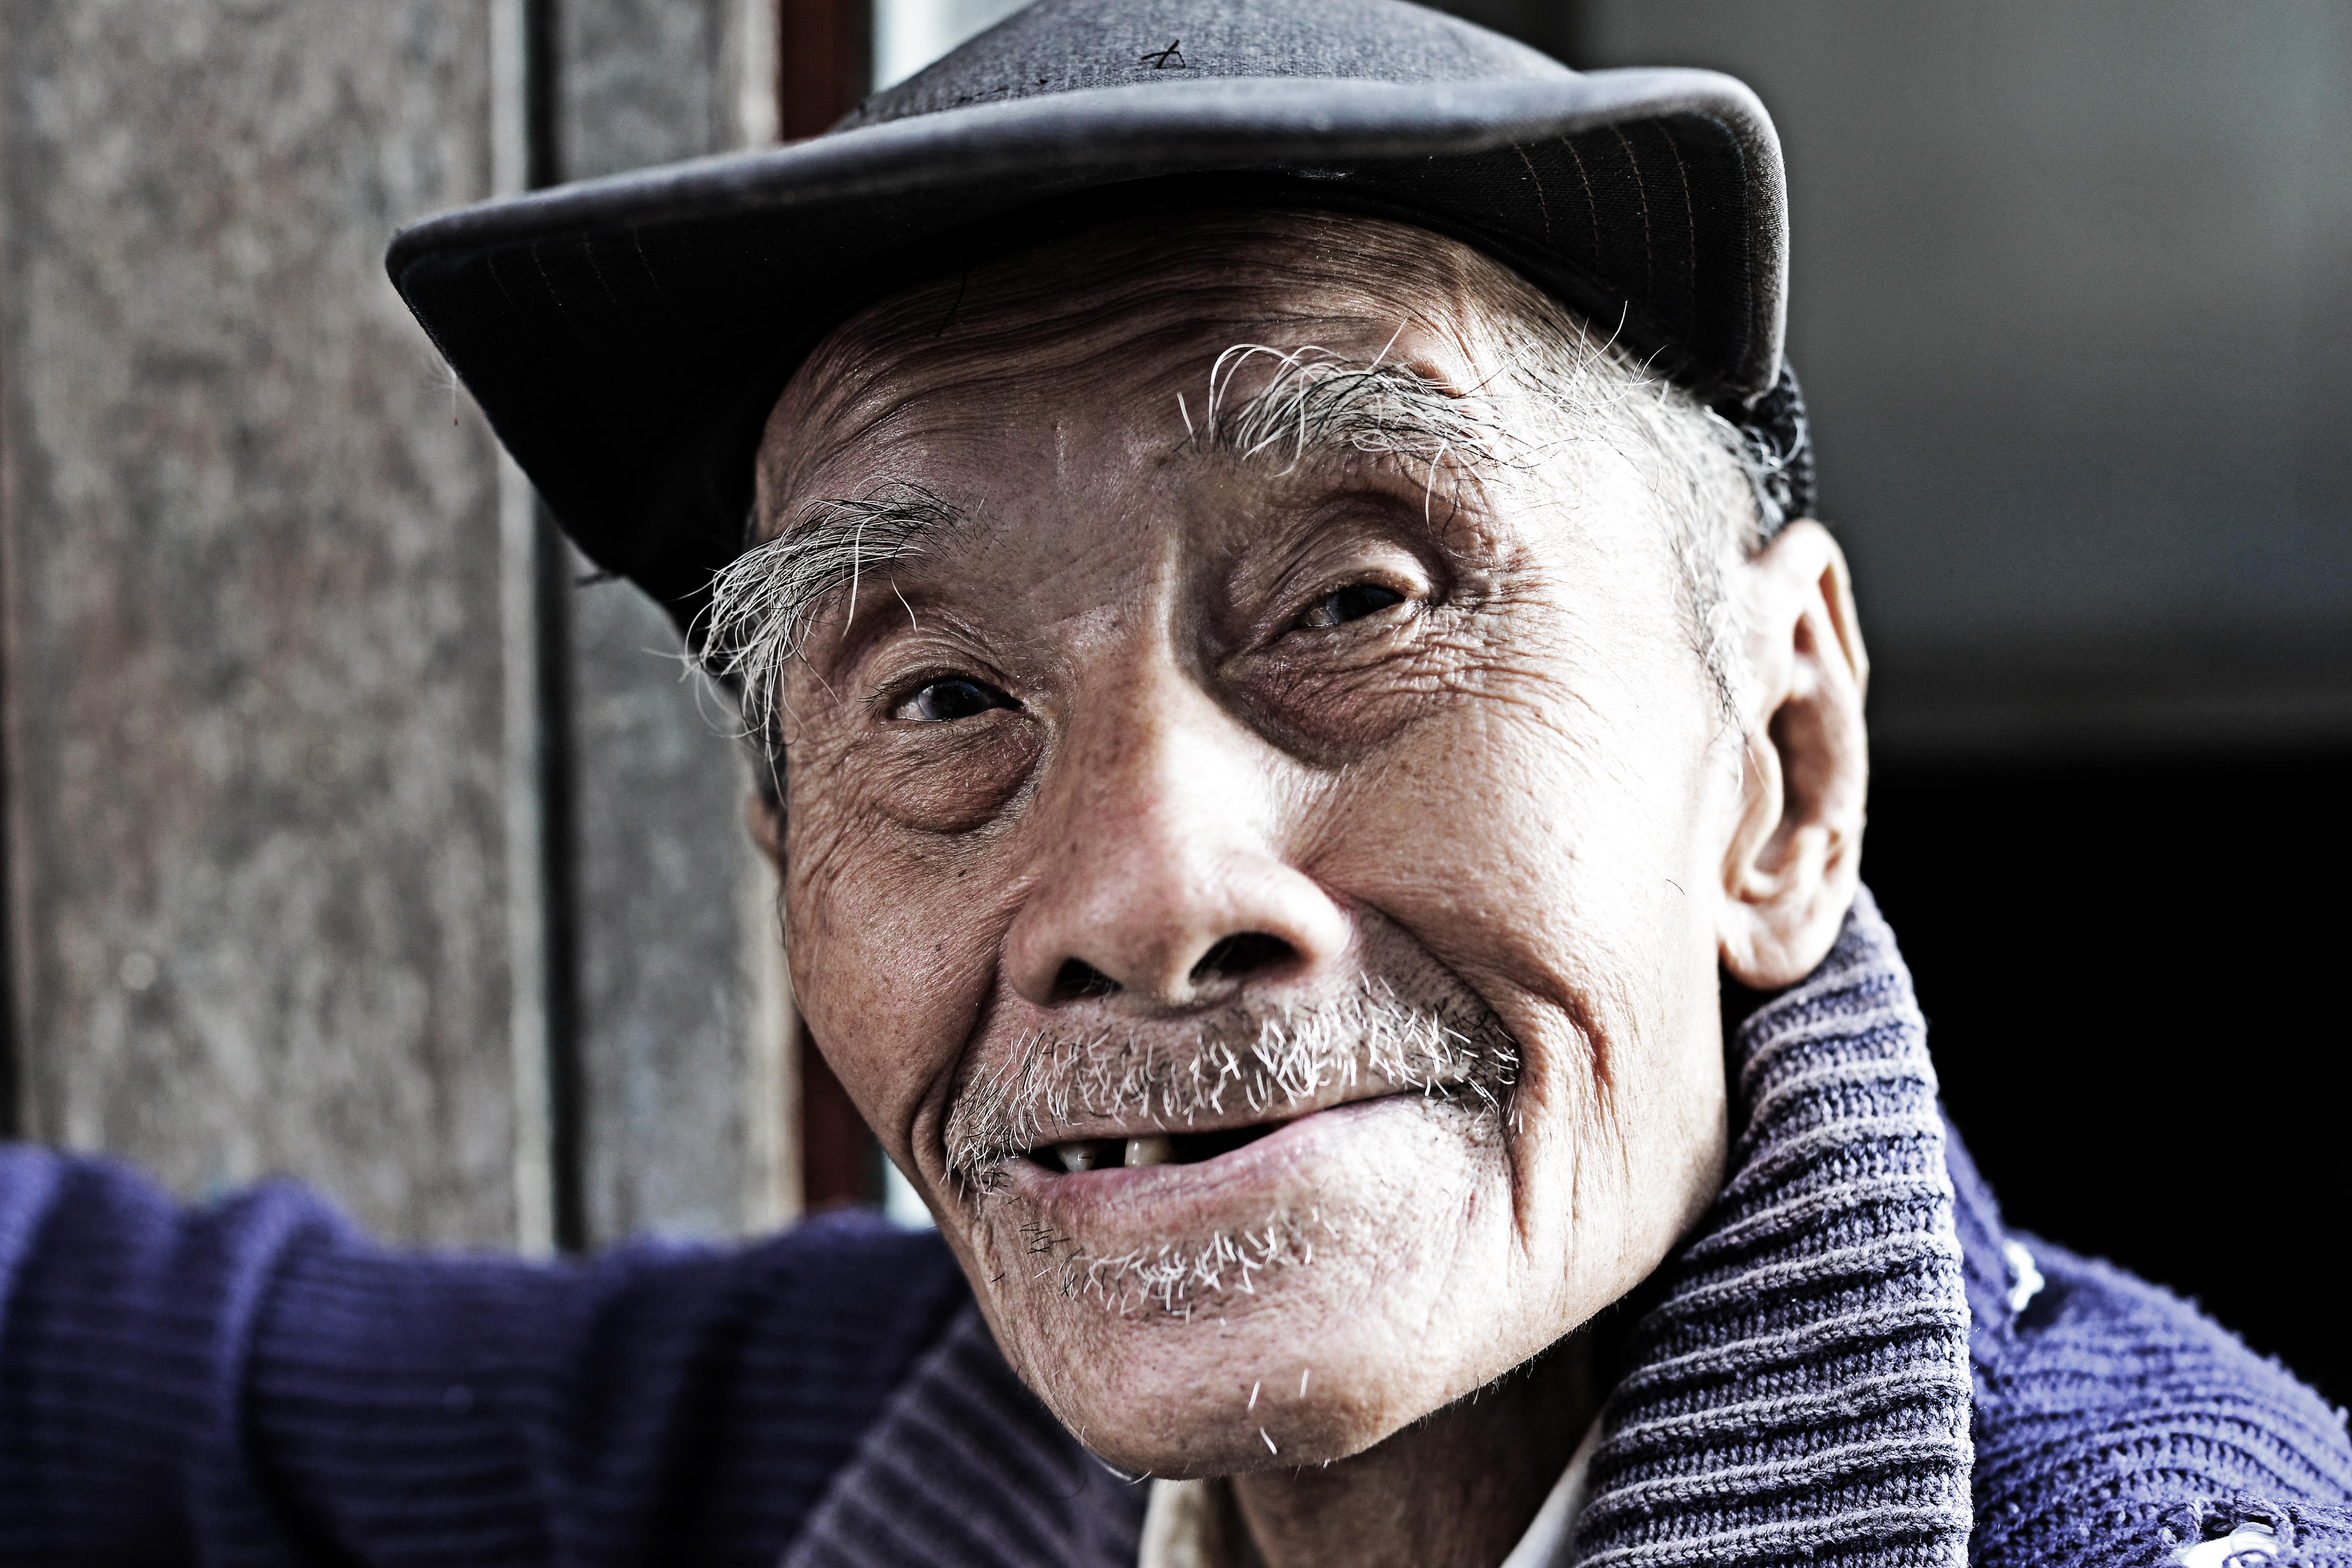 Amphawa Man 1 - 100 years old